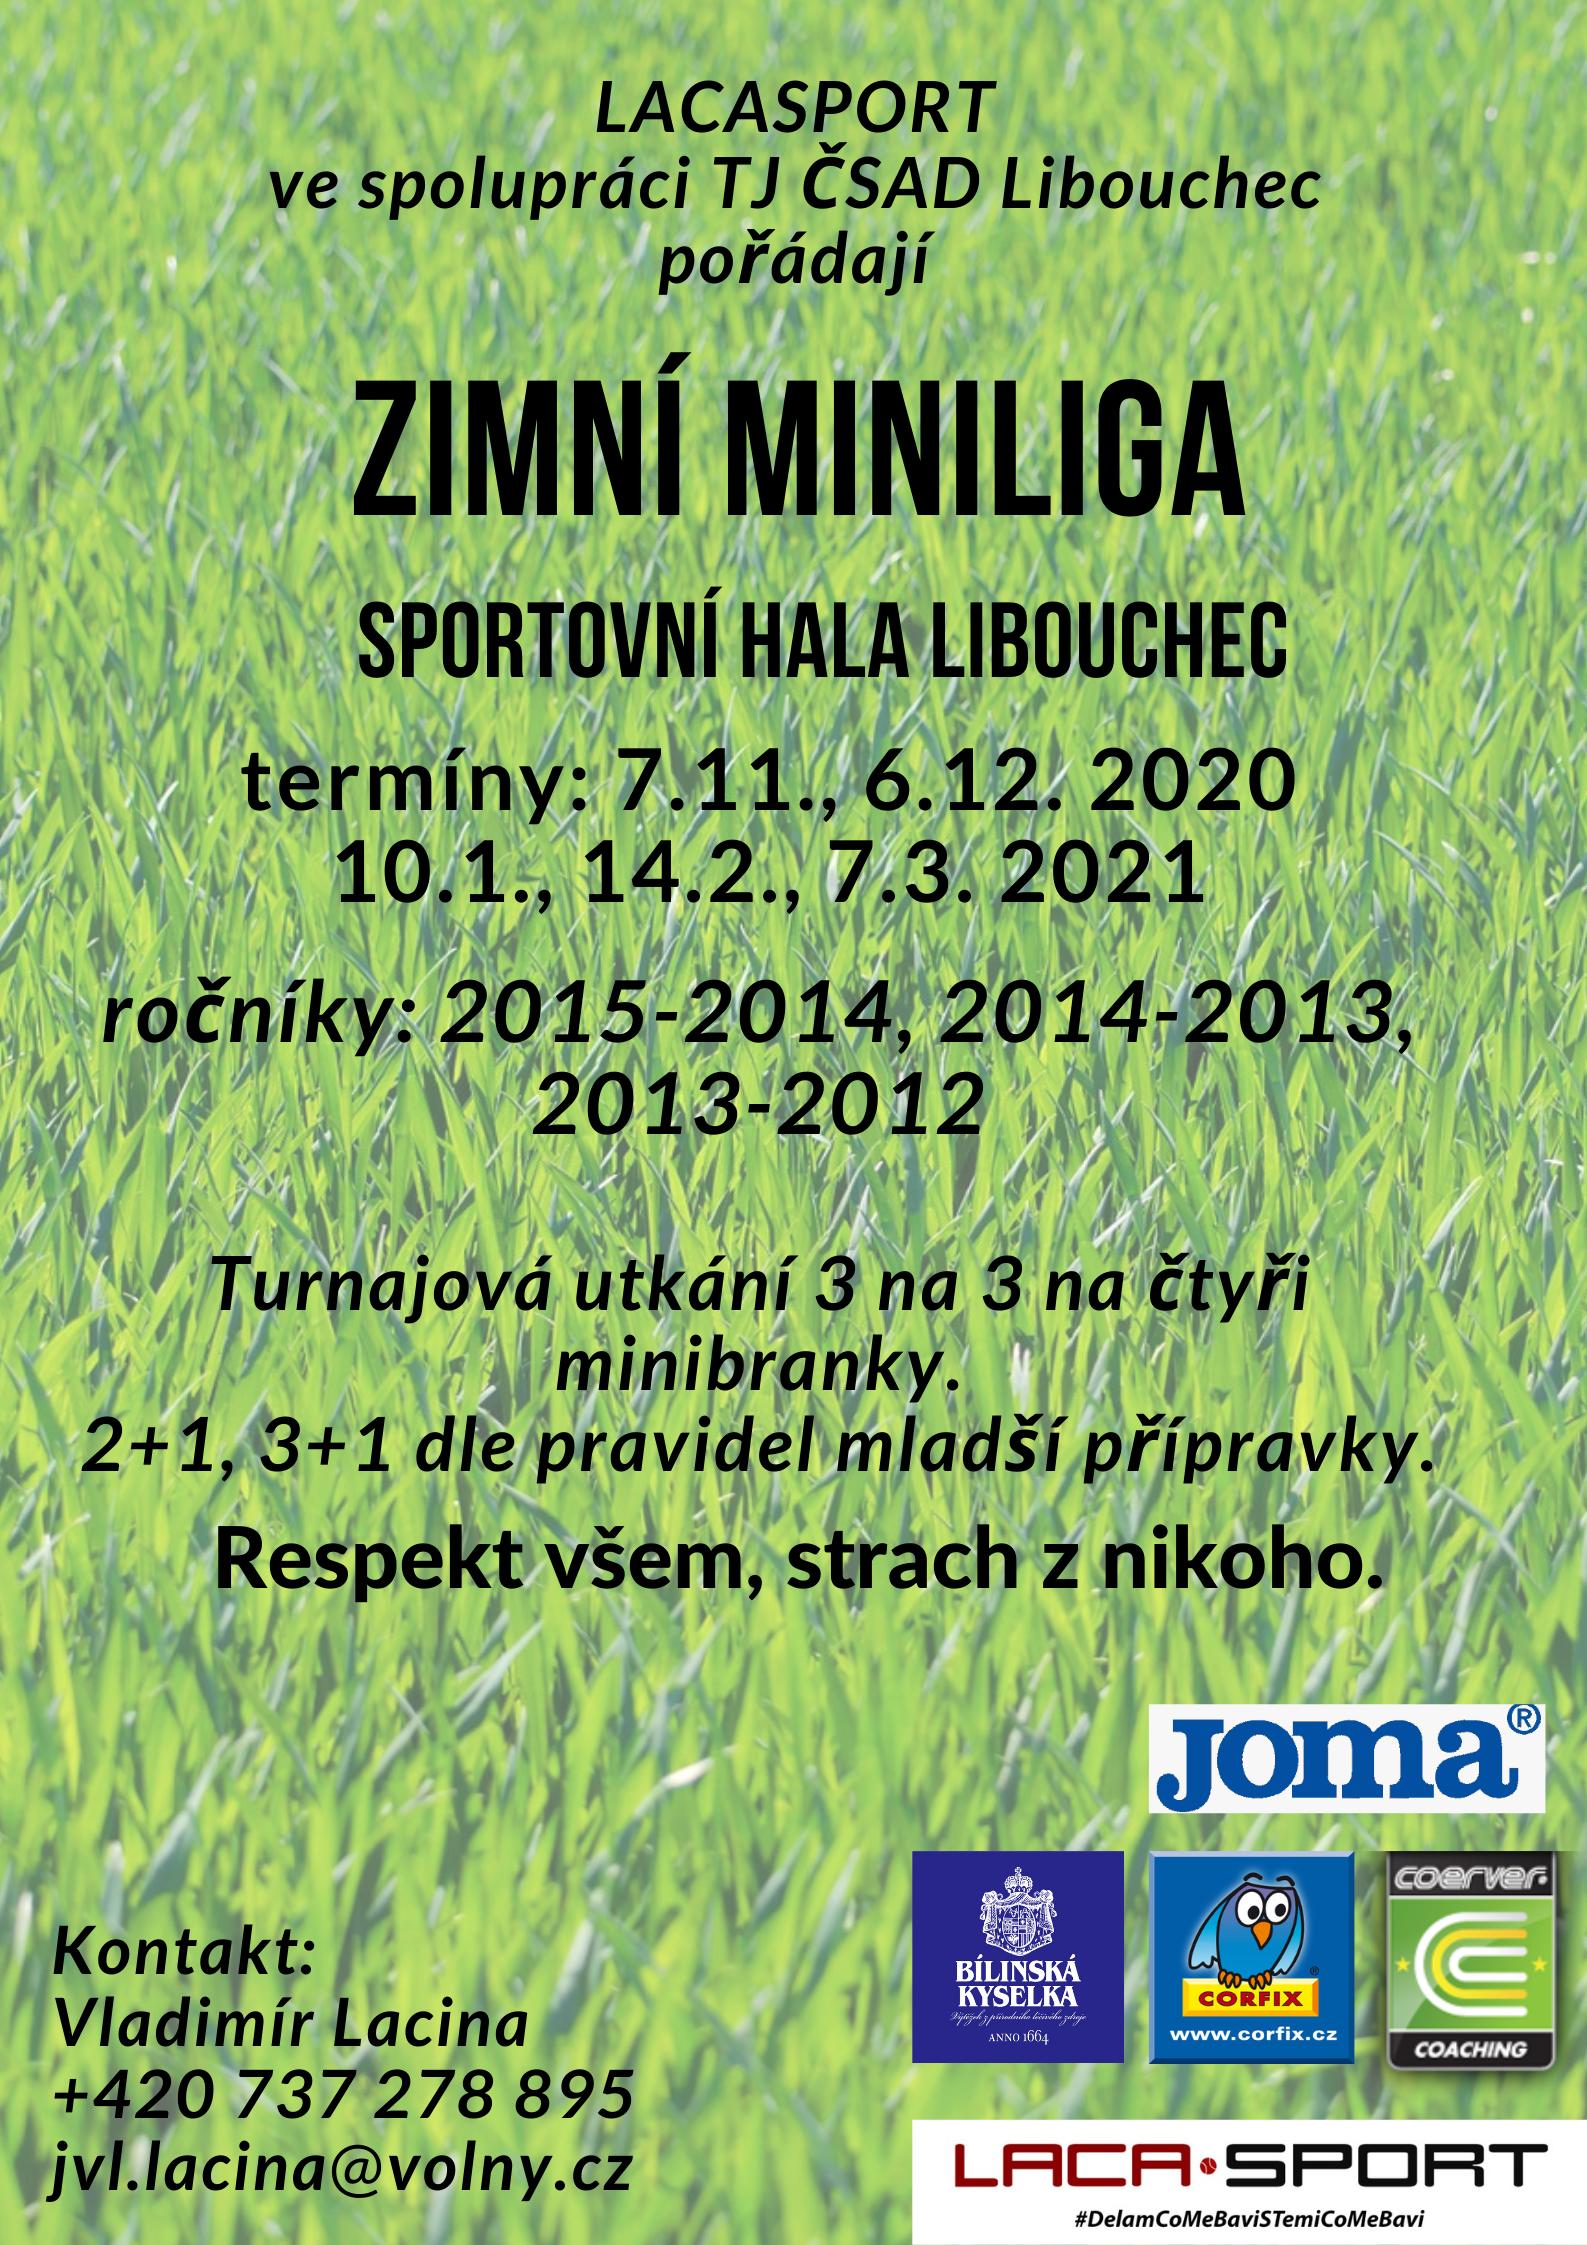 zimni_miniliga_2020